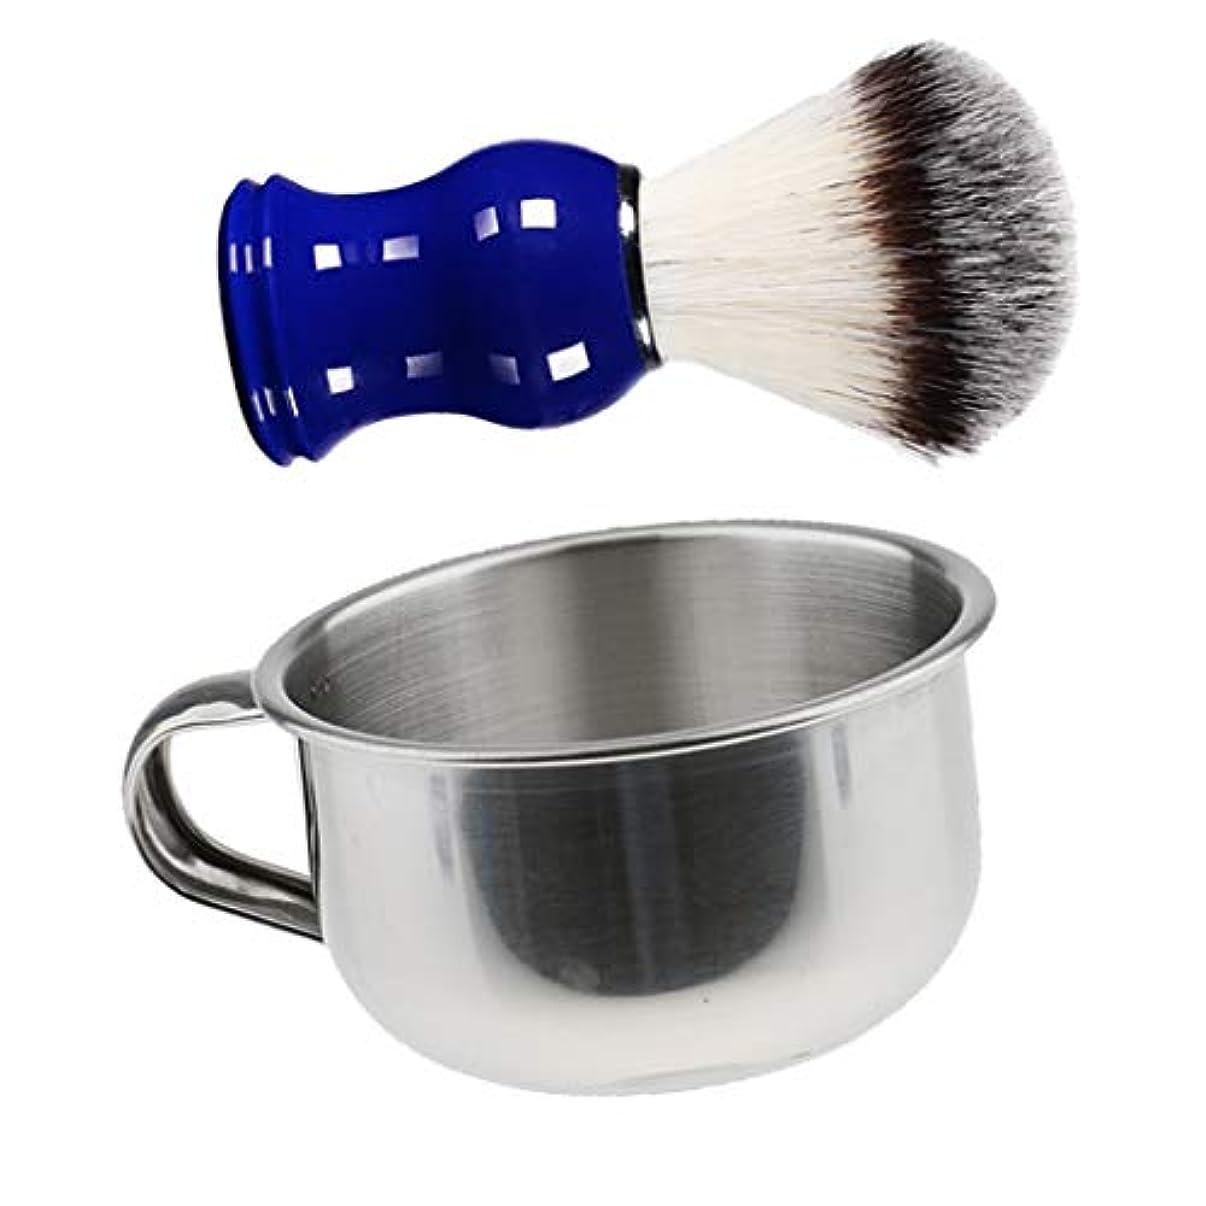 まさに葉謎めいたsharprepublic メンズ シェービング マグ ボウル ステンレス製 シェービング用ブラシ 理容 洗顔 髭剃り 贈り物